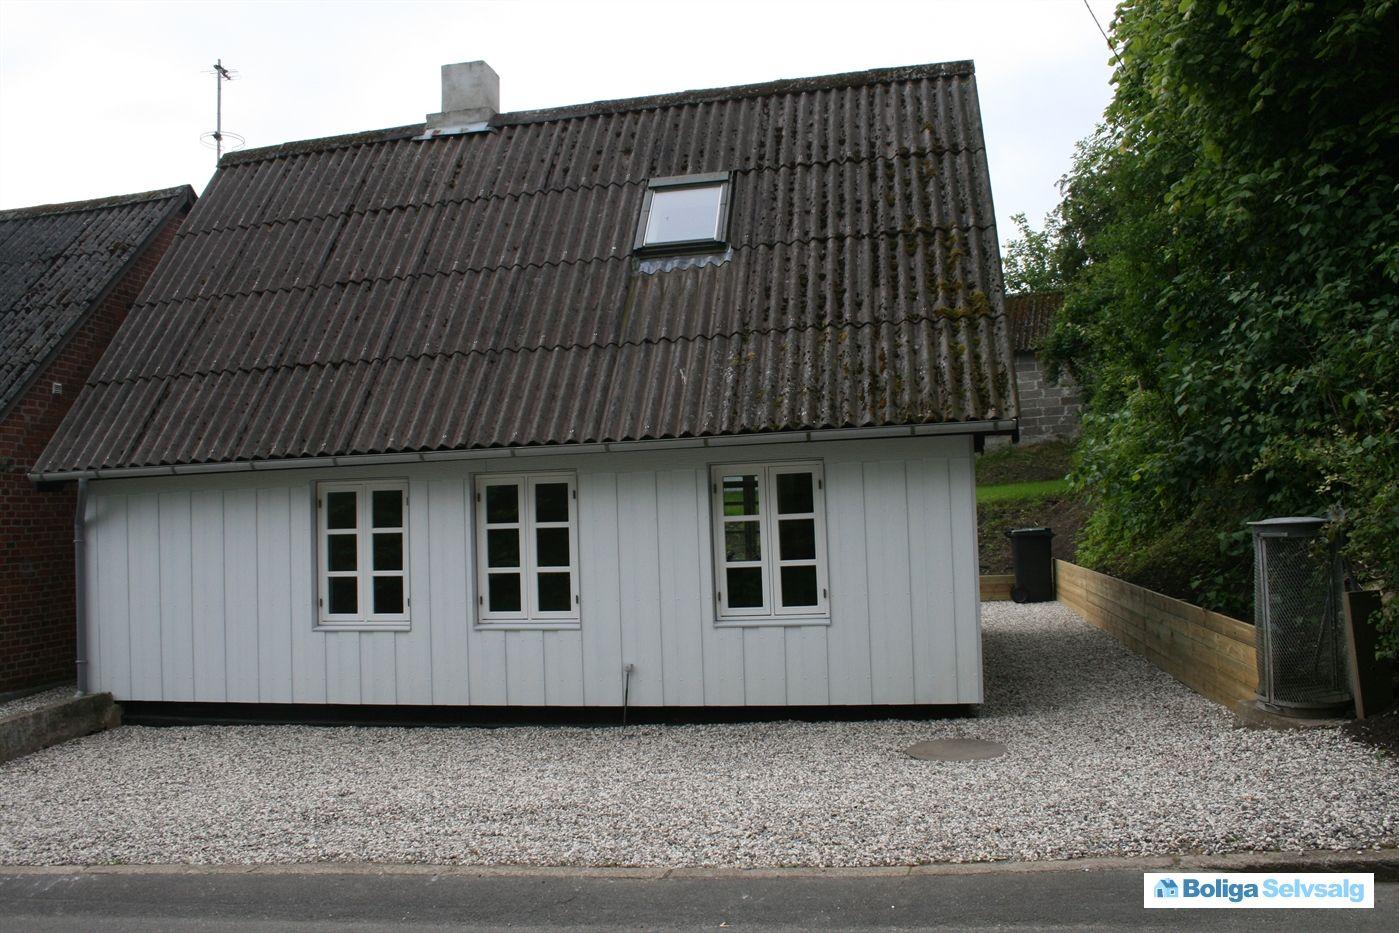 Lindkjærvej 11, Vissing, 8370 Hadsten - Nyrenoveret Indflytnings klar Villa #villa #hadsten #selvsalg #boligsalg #boligdk